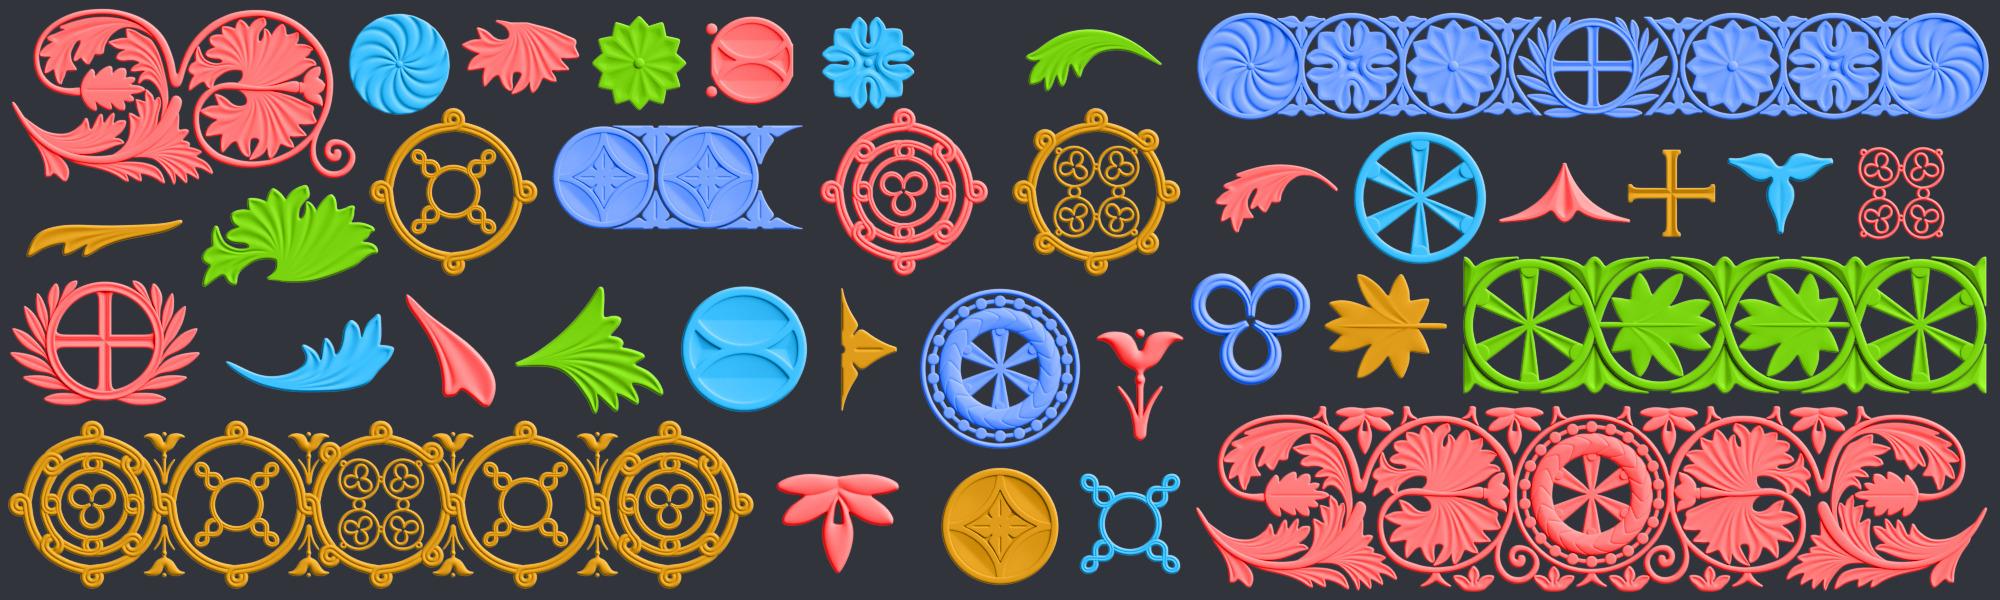 TexturesCom_Byzantine_Set_02_thumbnail2.jpg